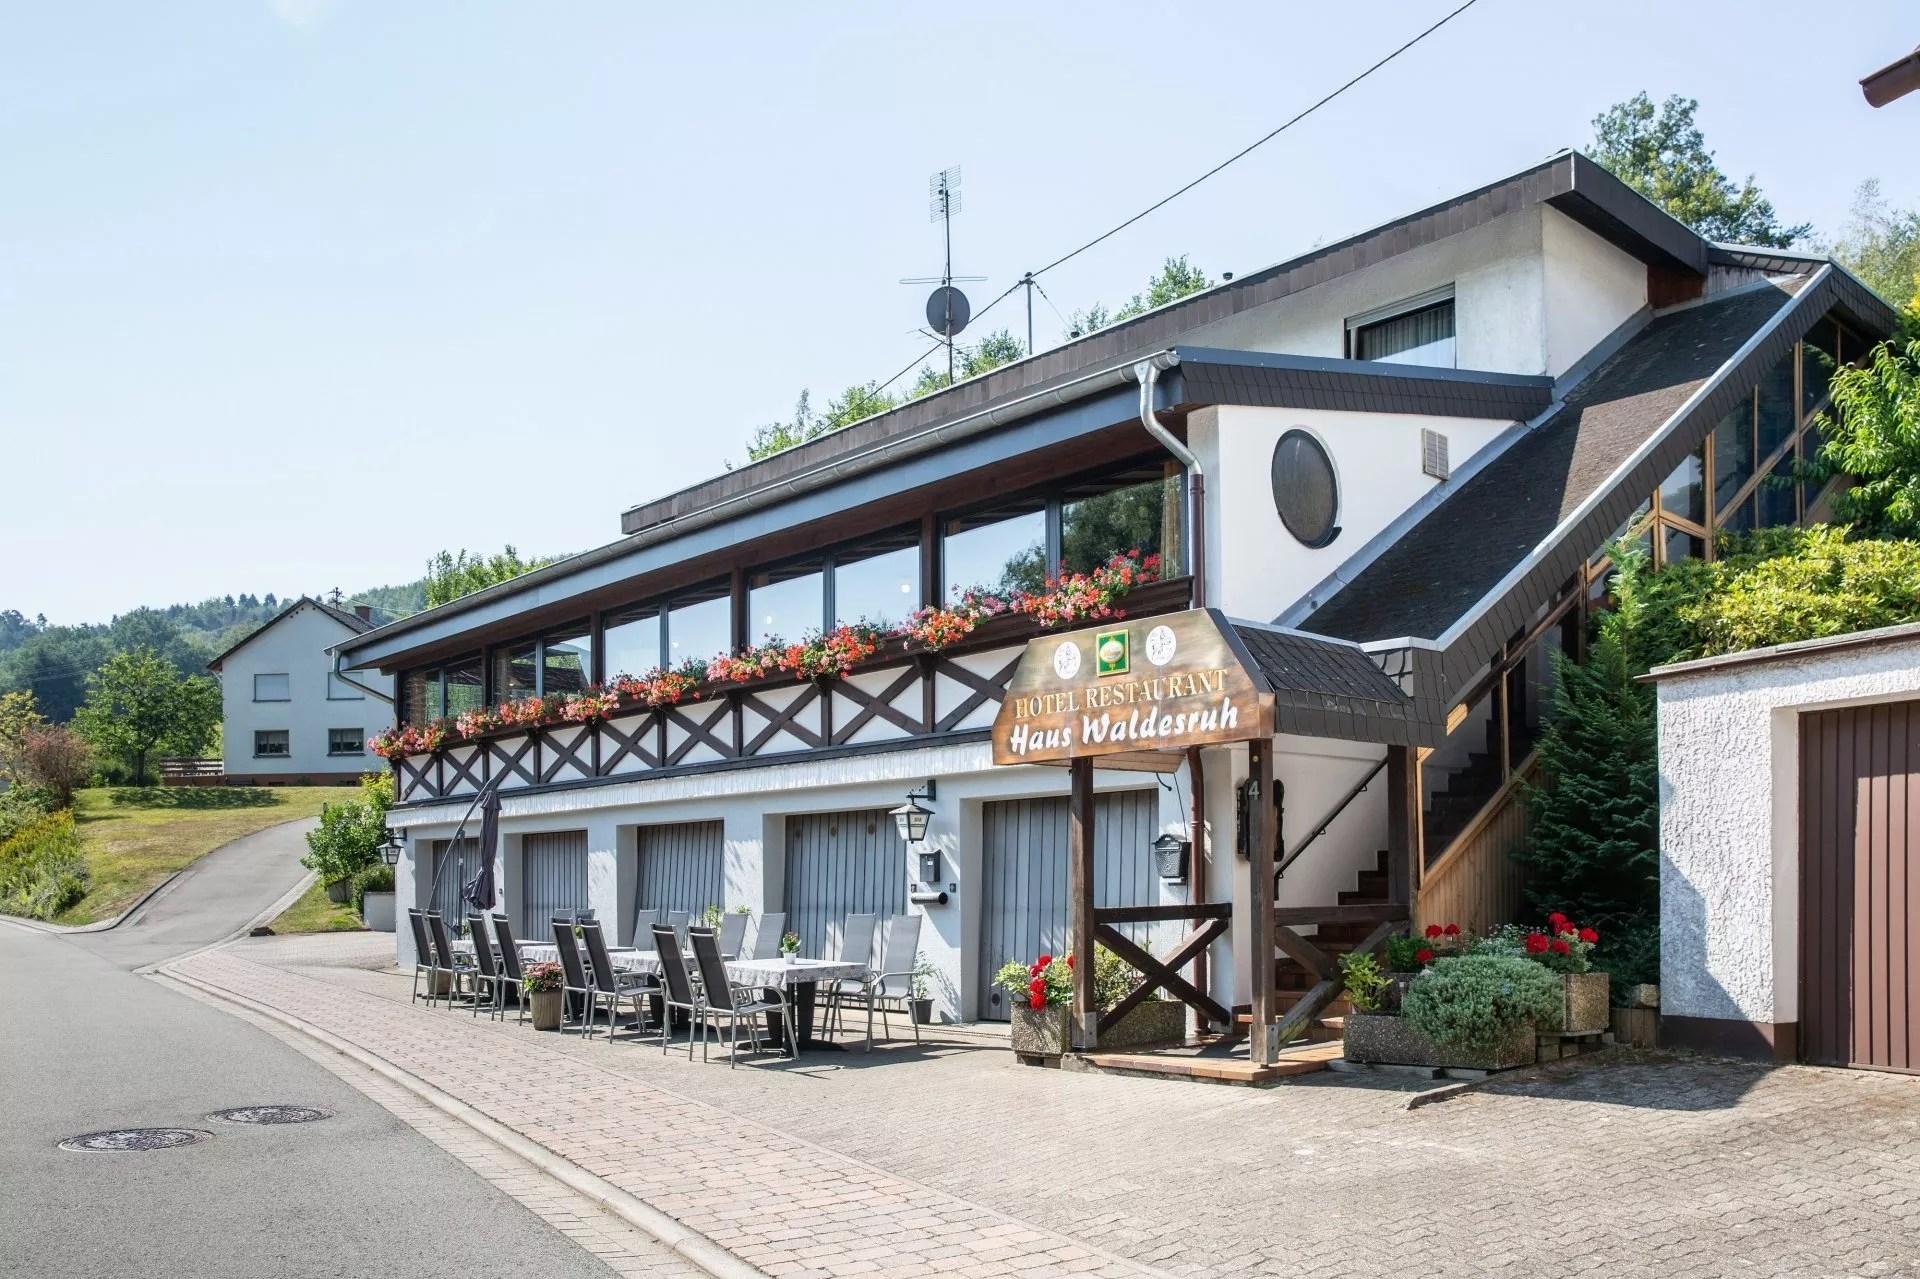 Hotel - Restaurant Haus Waldesruh - Rheinland-Pfalz, Deutschland (Kurzreise)